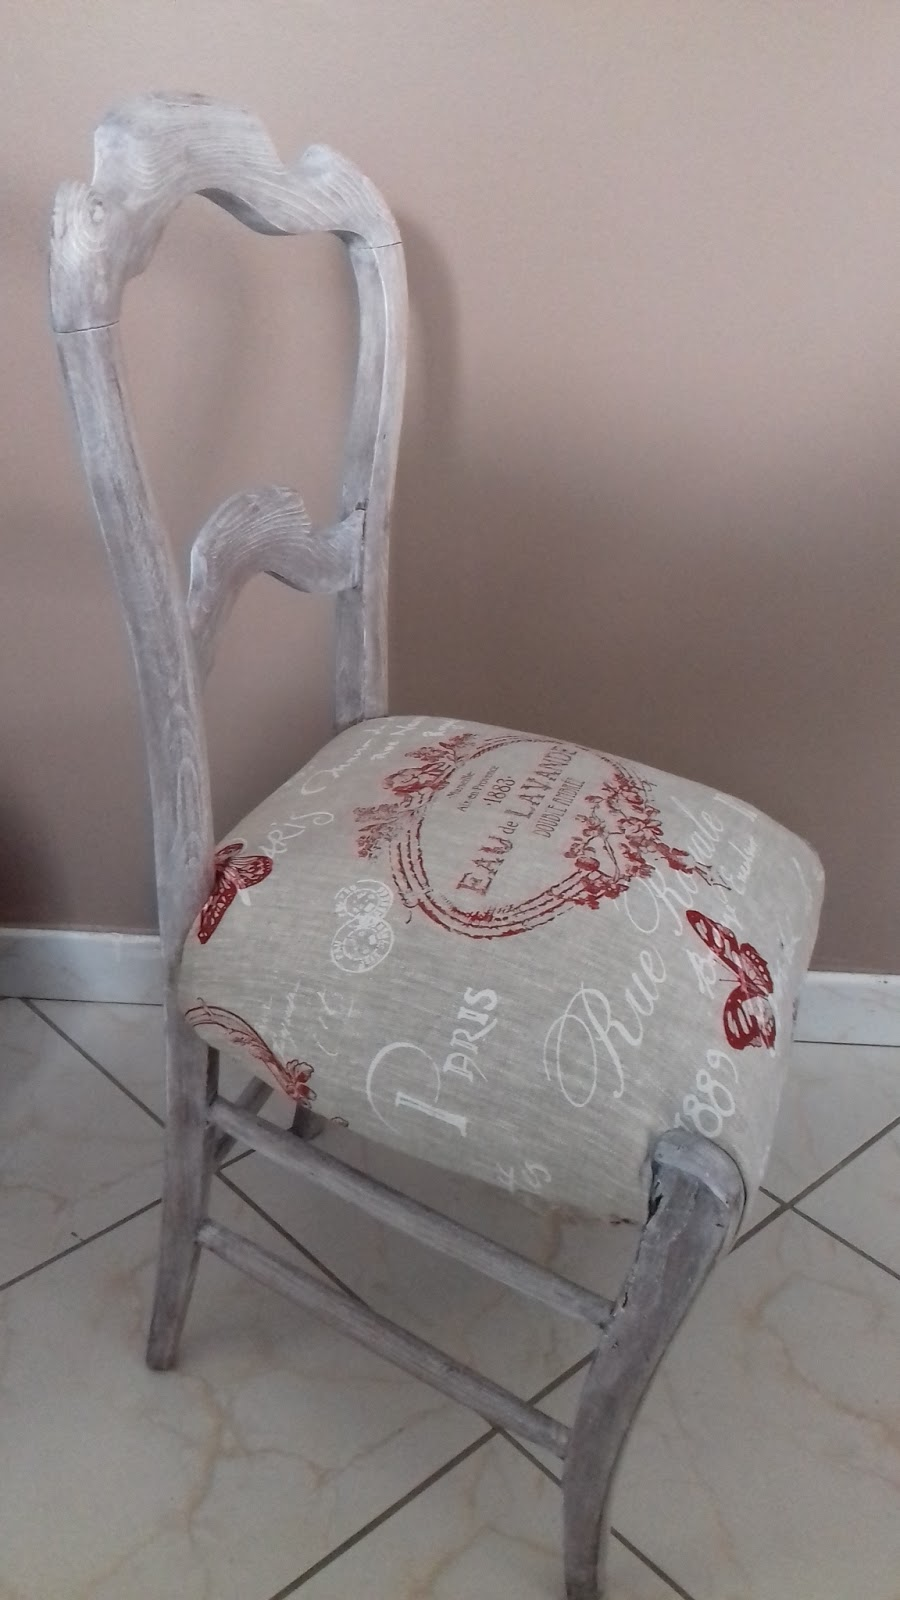 62690 id es et cr as restauration de chaise avant apres. Black Bedroom Furniture Sets. Home Design Ideas